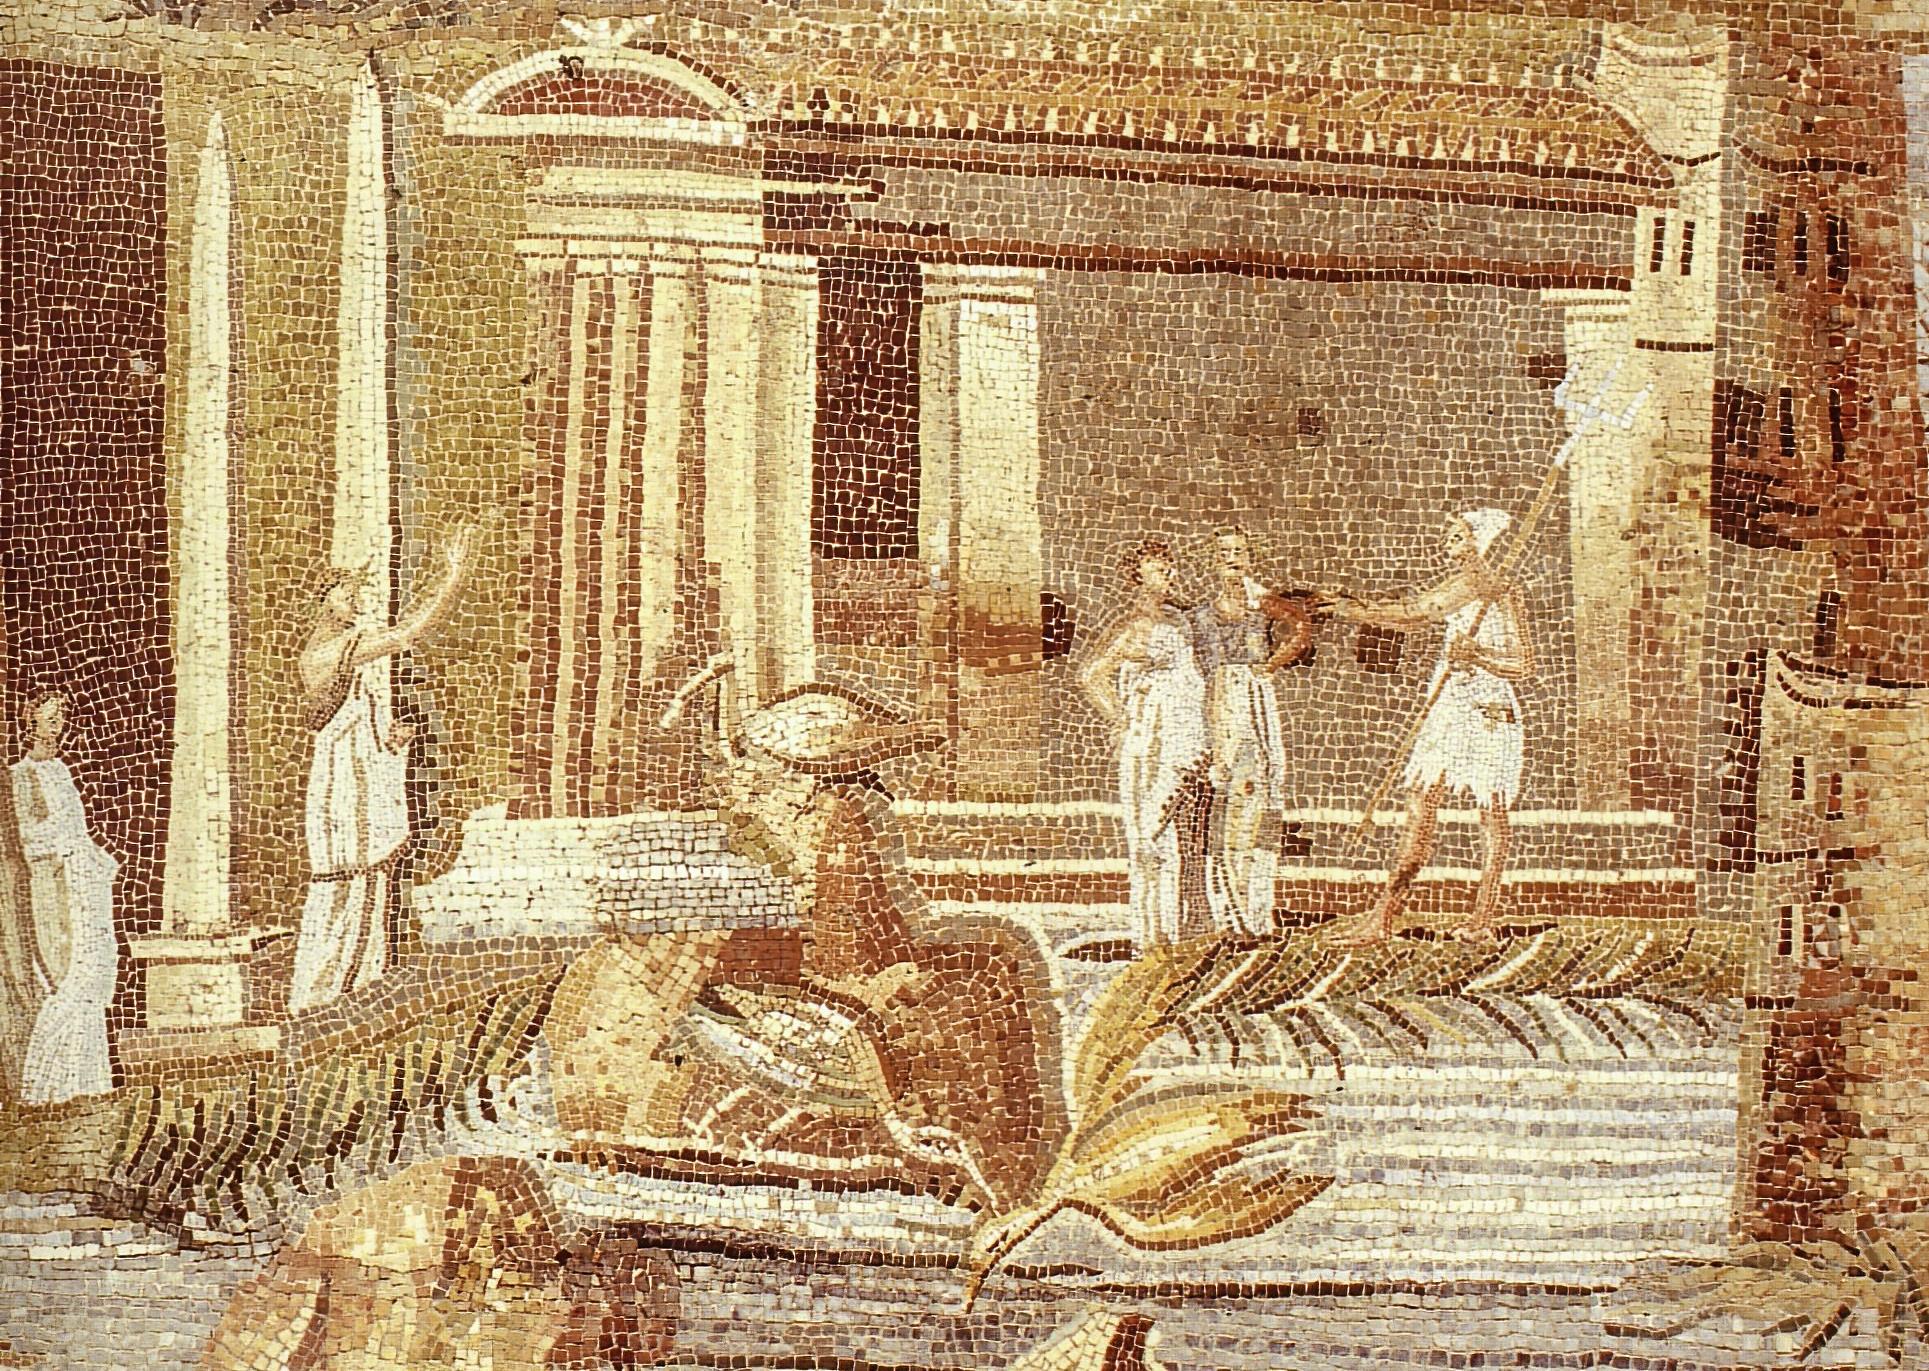 Praeneste_-_Nile_Mosaic_-_Section_8_-_Detail.jpg